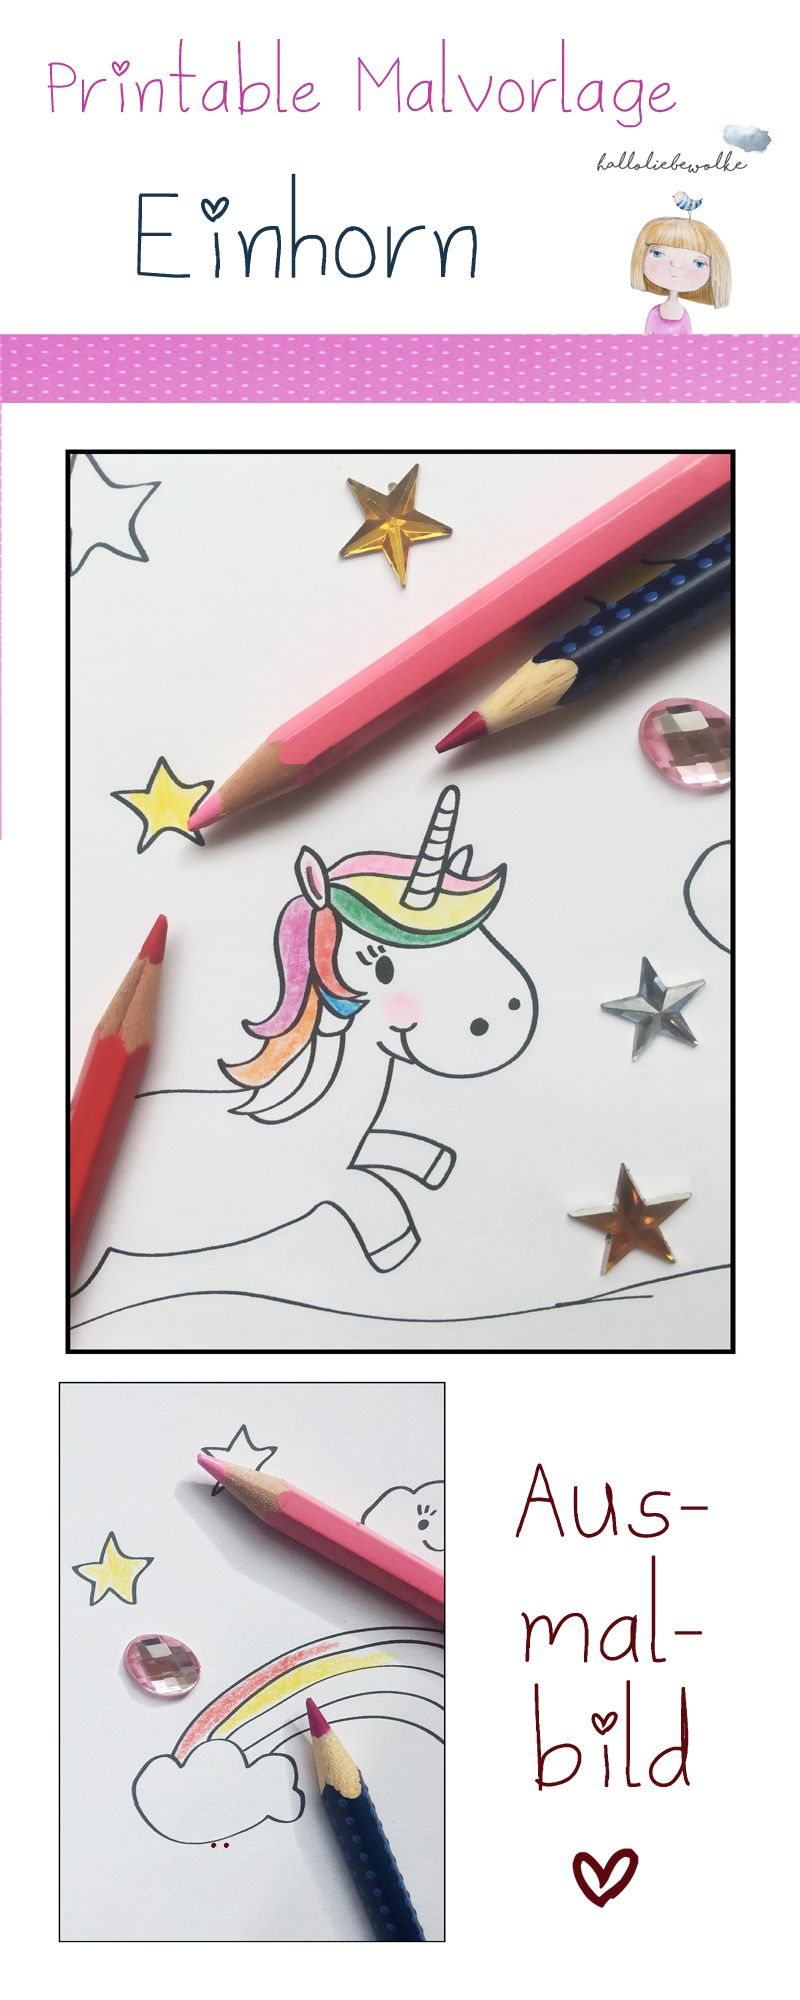 Kleine Prinzessin Ausmalbilder Zum Ausdrucken : Printable Malvorlage Einhorn F R Kleine Prinzessinnen